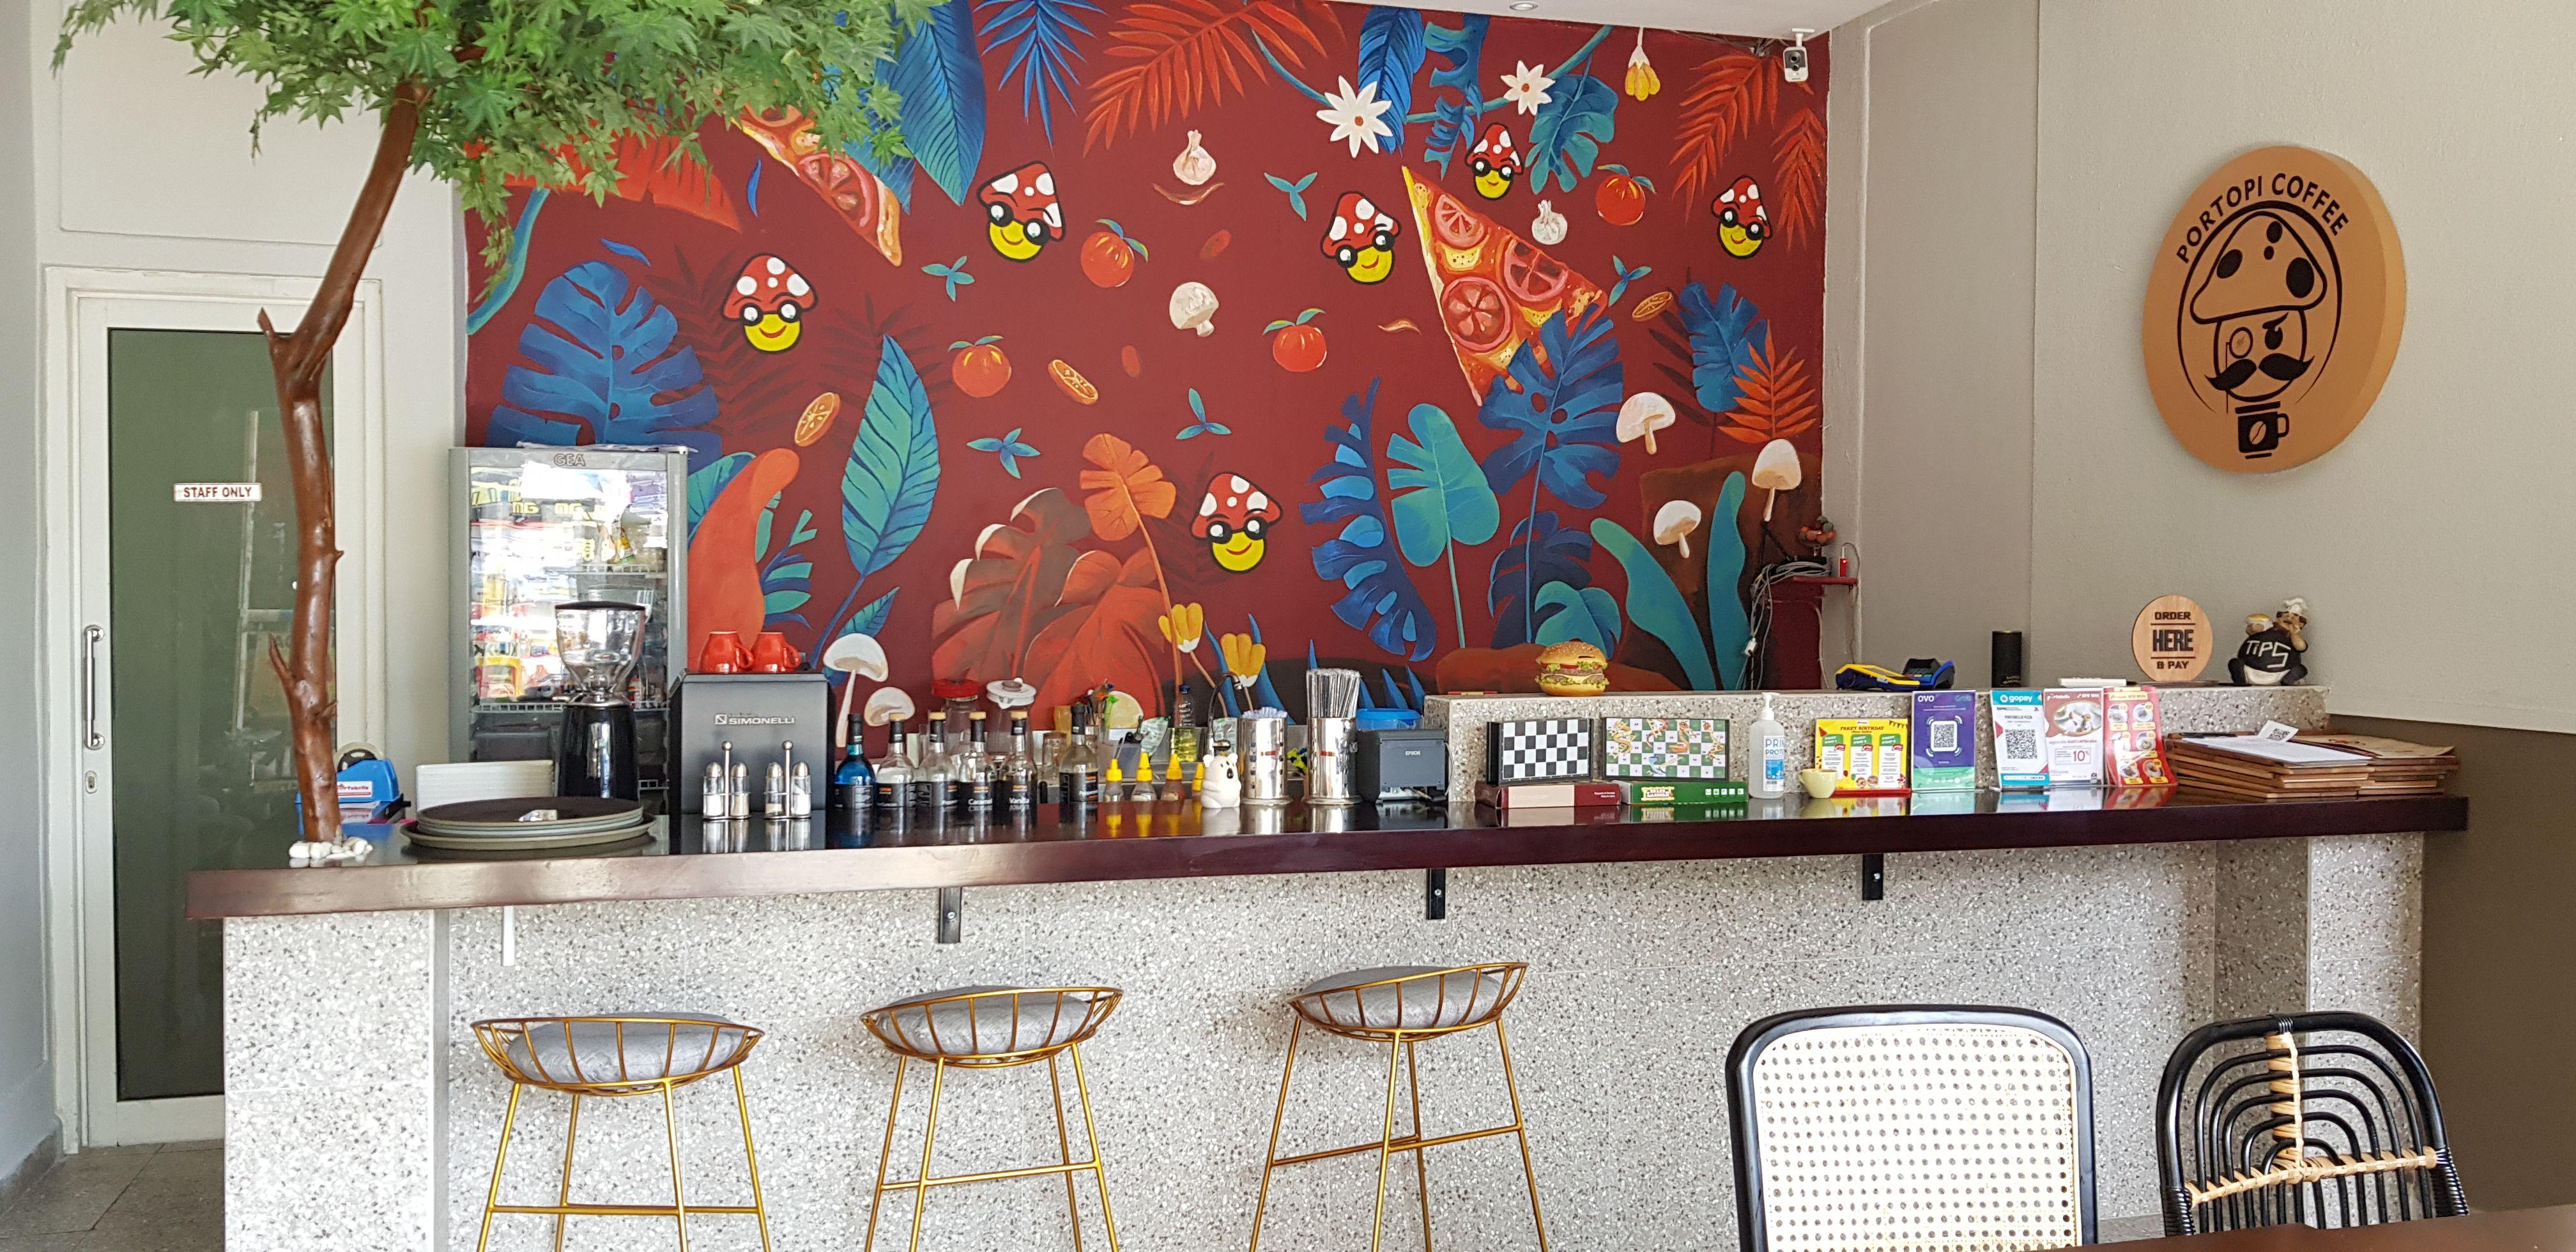 Gambar Dinding Warung Makan